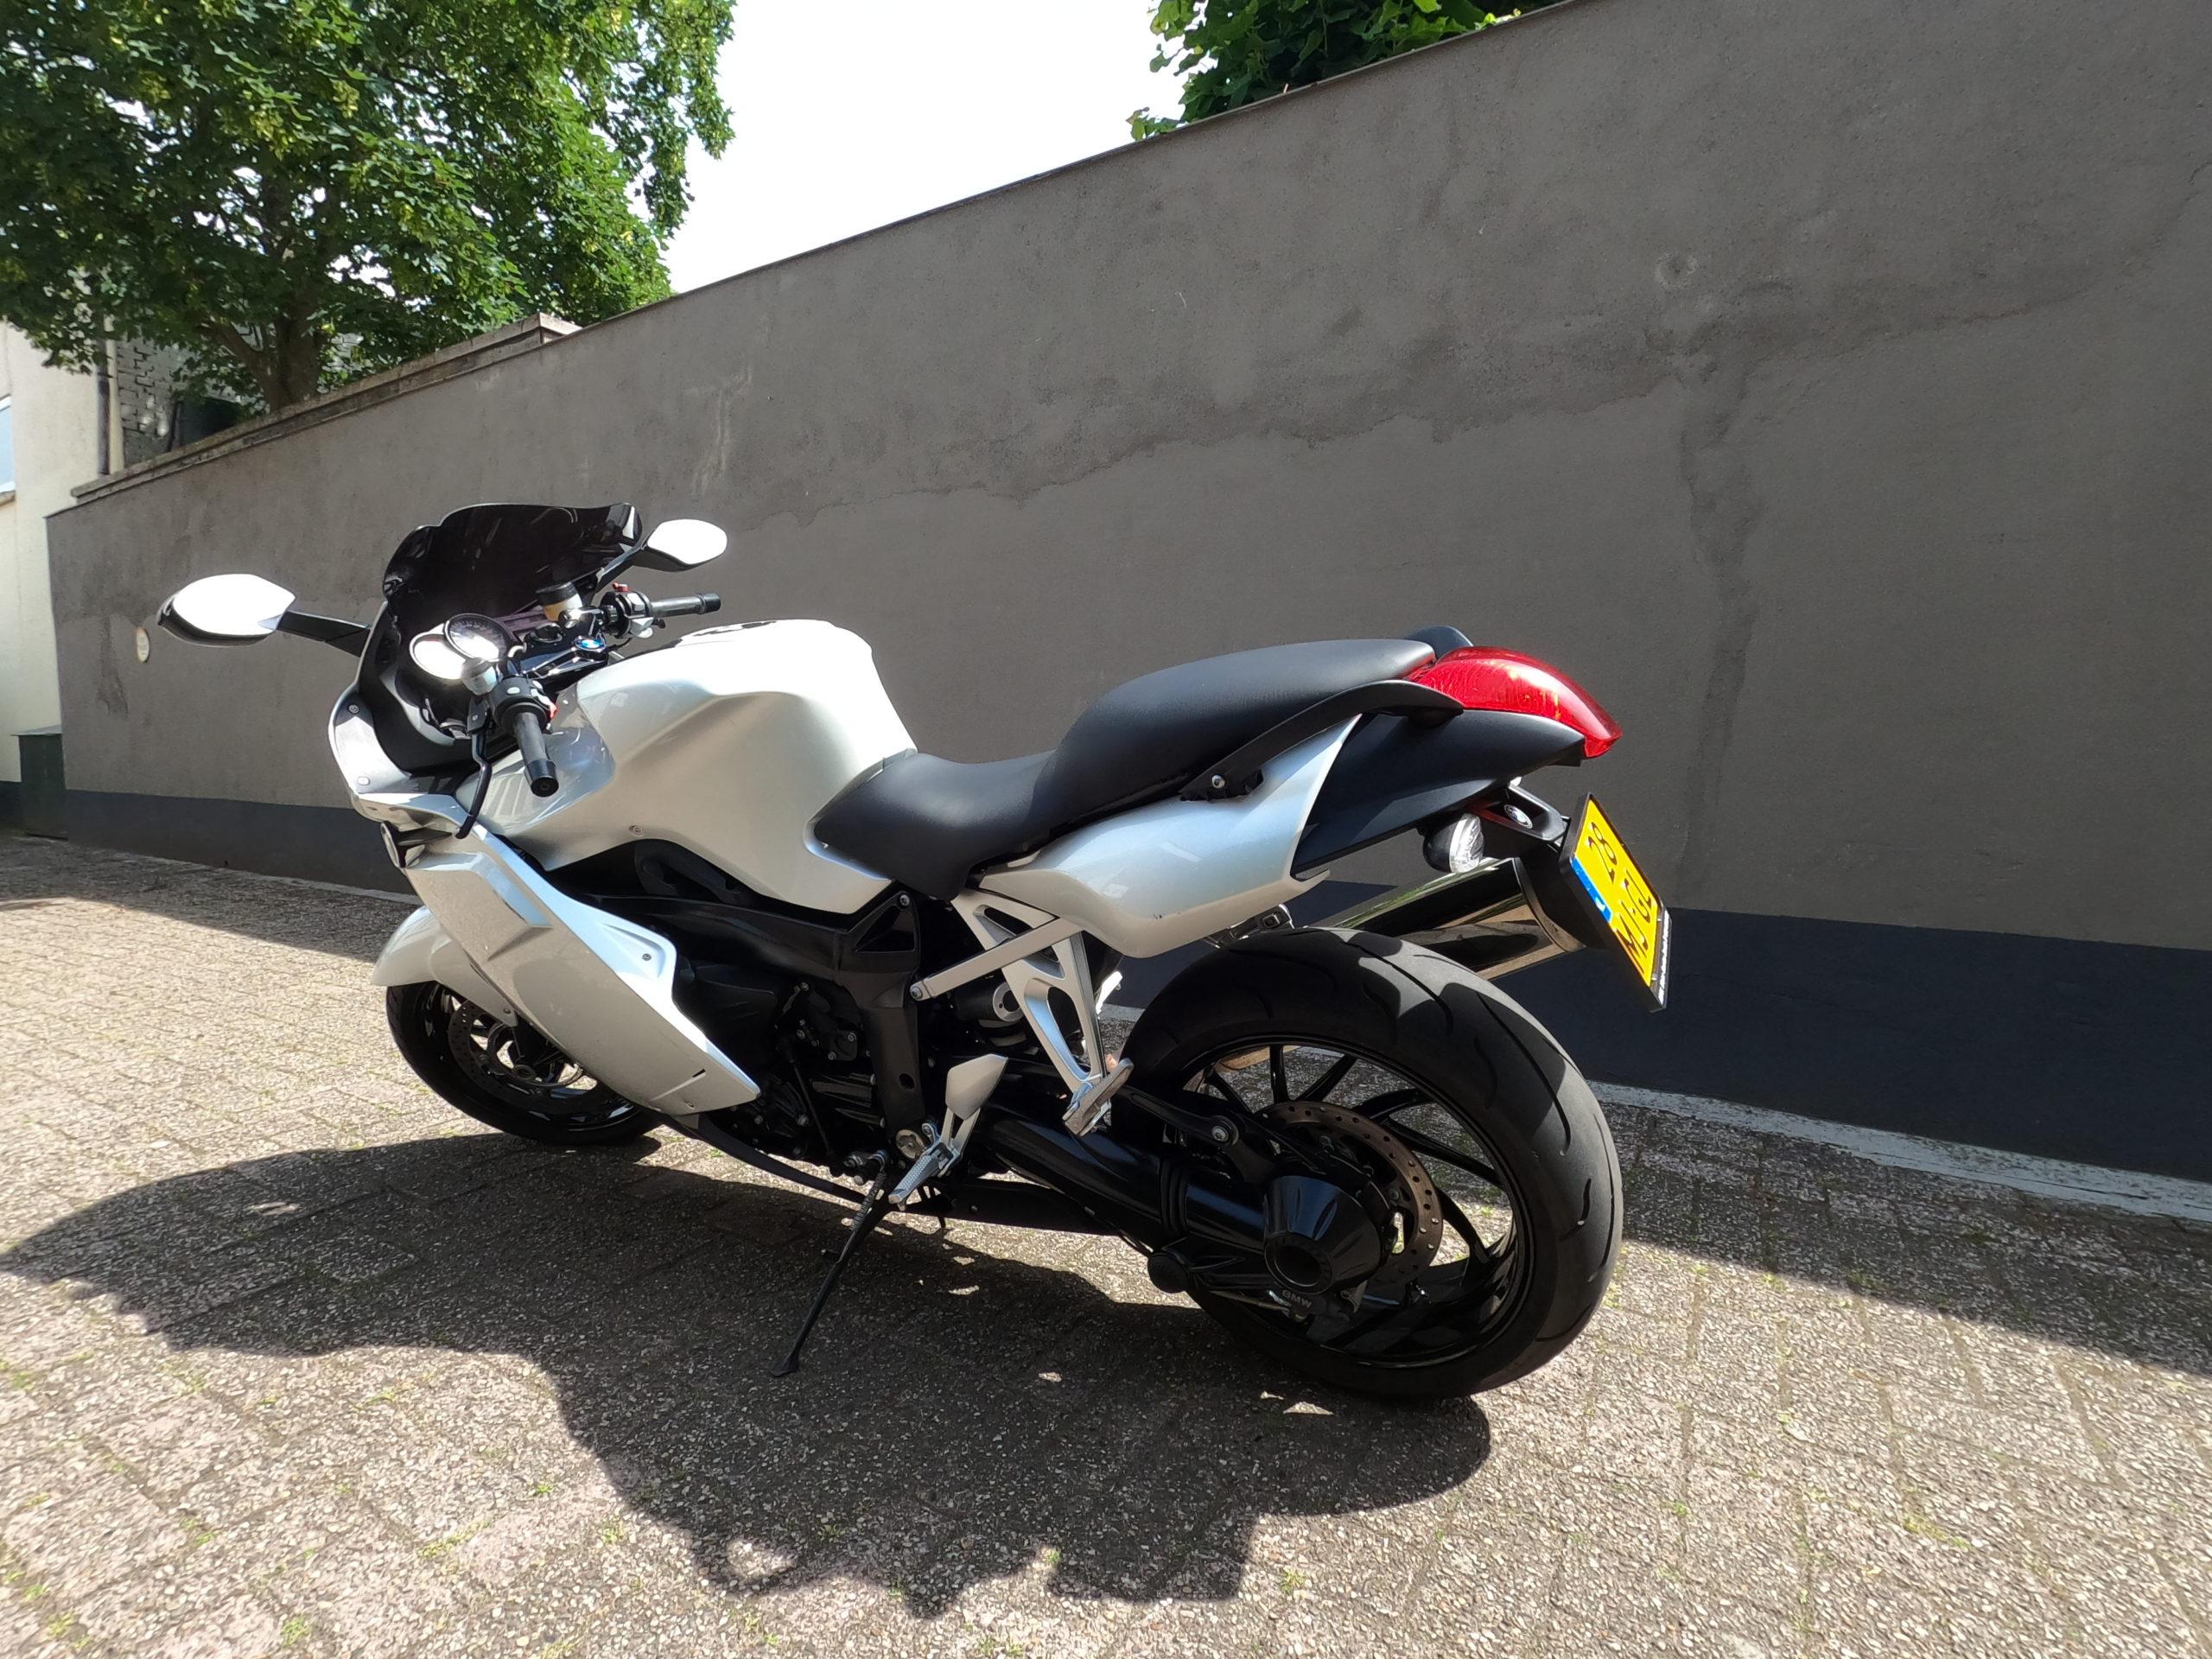 BMW K1200S Vetvlek Garage For Sale